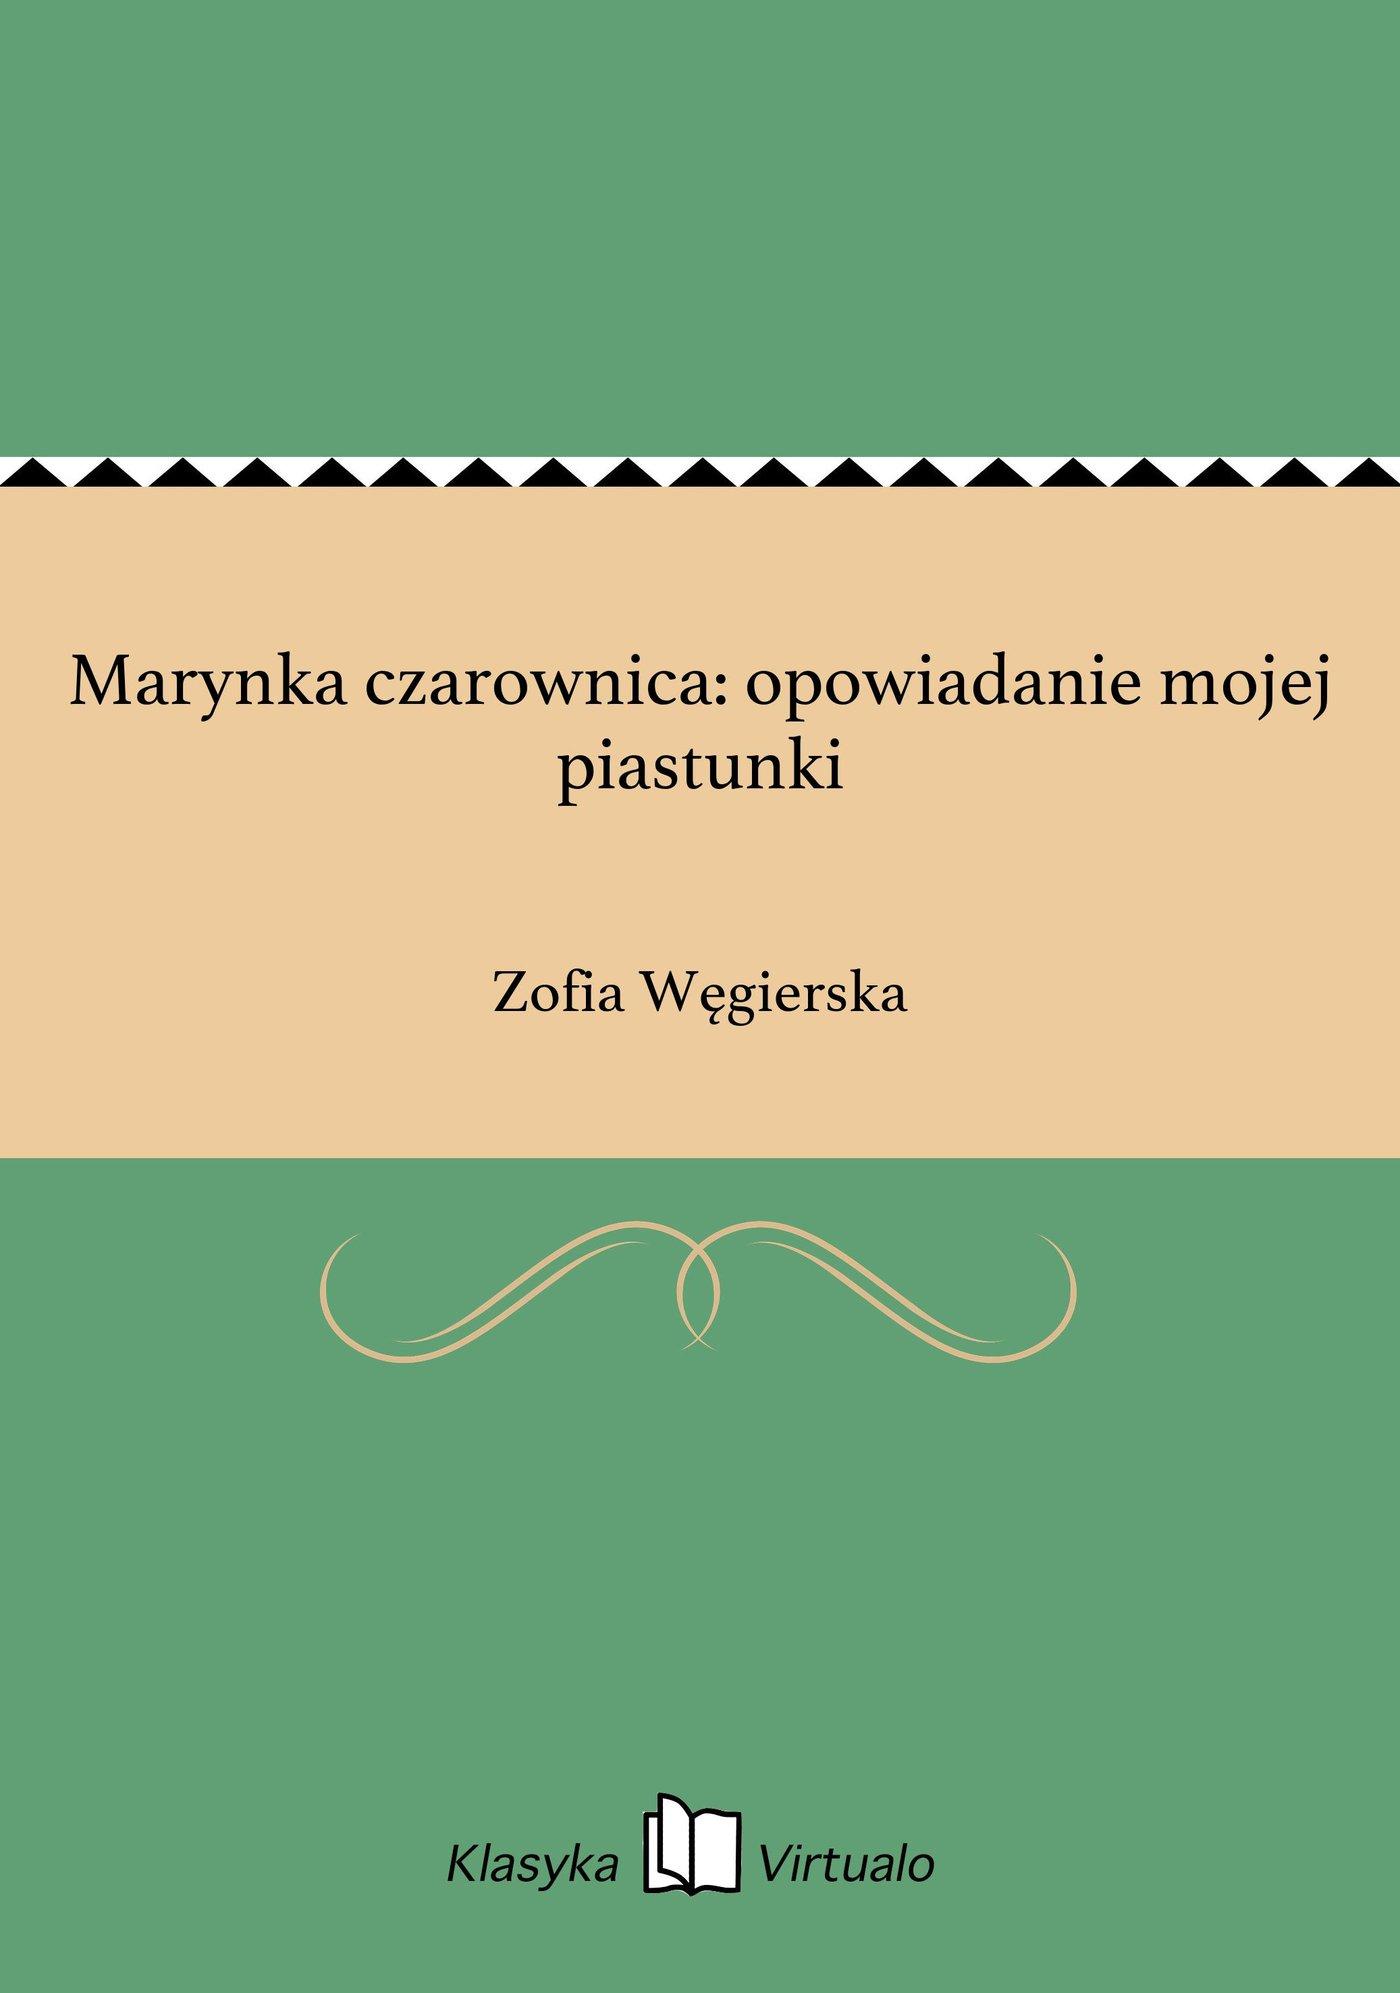 Marynka czarownica: opowiadanie mojej piastunki - Ebook (Książka EPUB) do pobrania w formacie EPUB